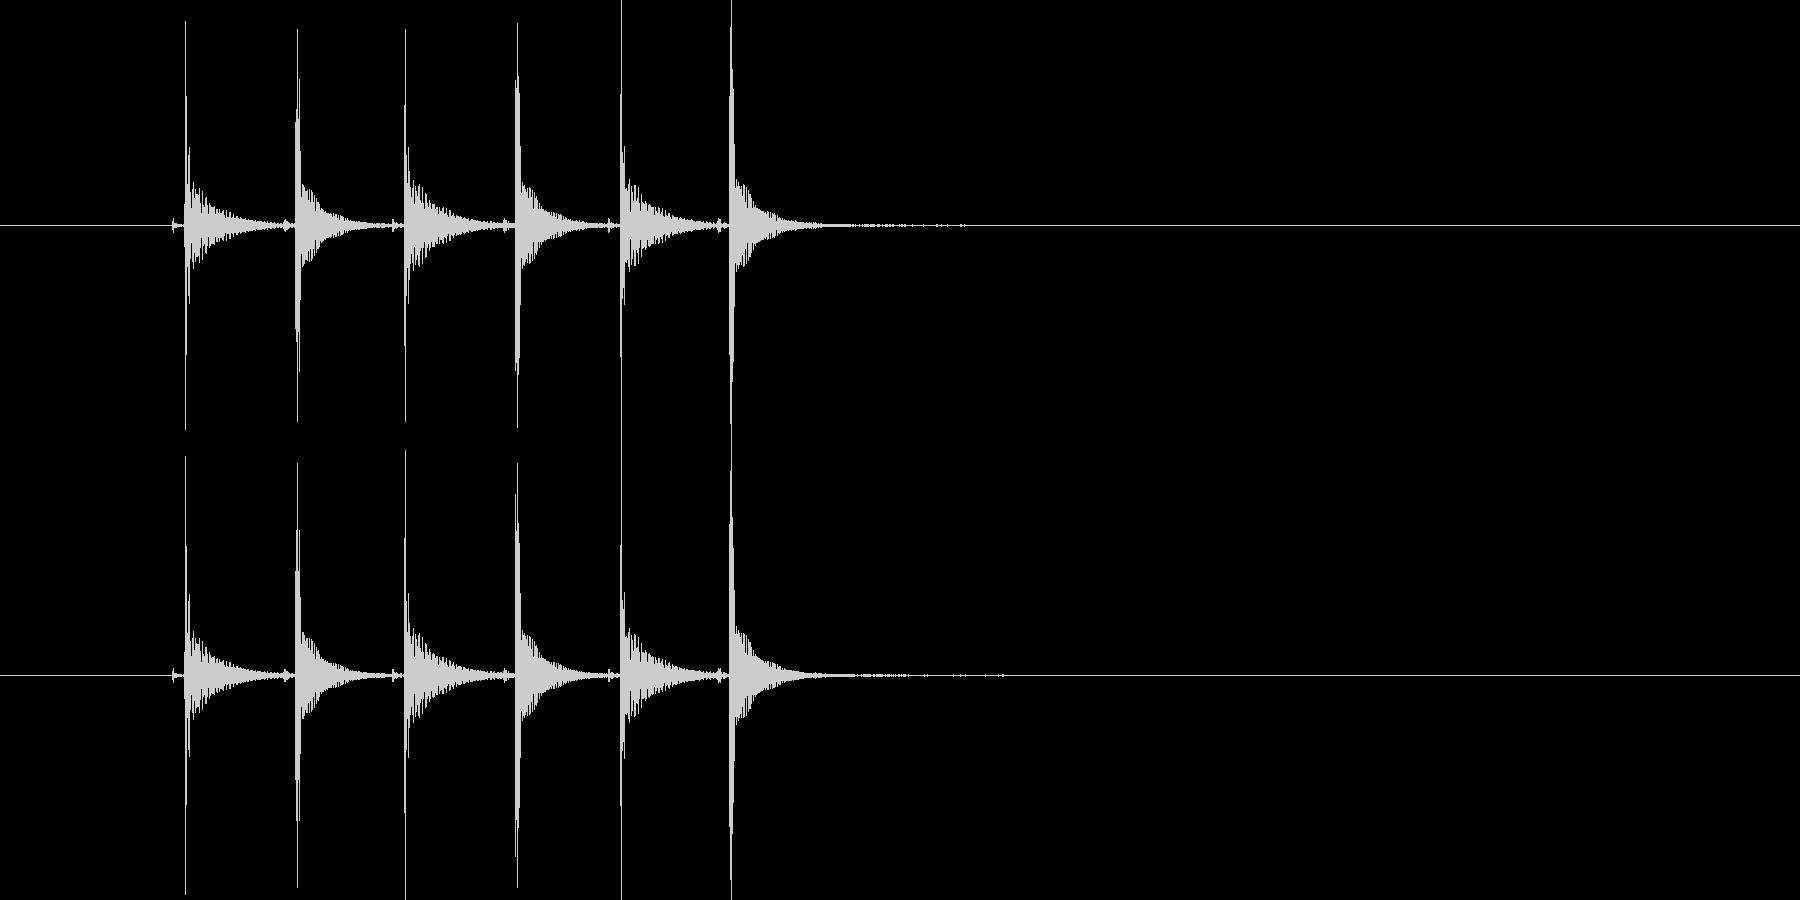 ピコピコピコ(高音の電子音)の未再生の波形